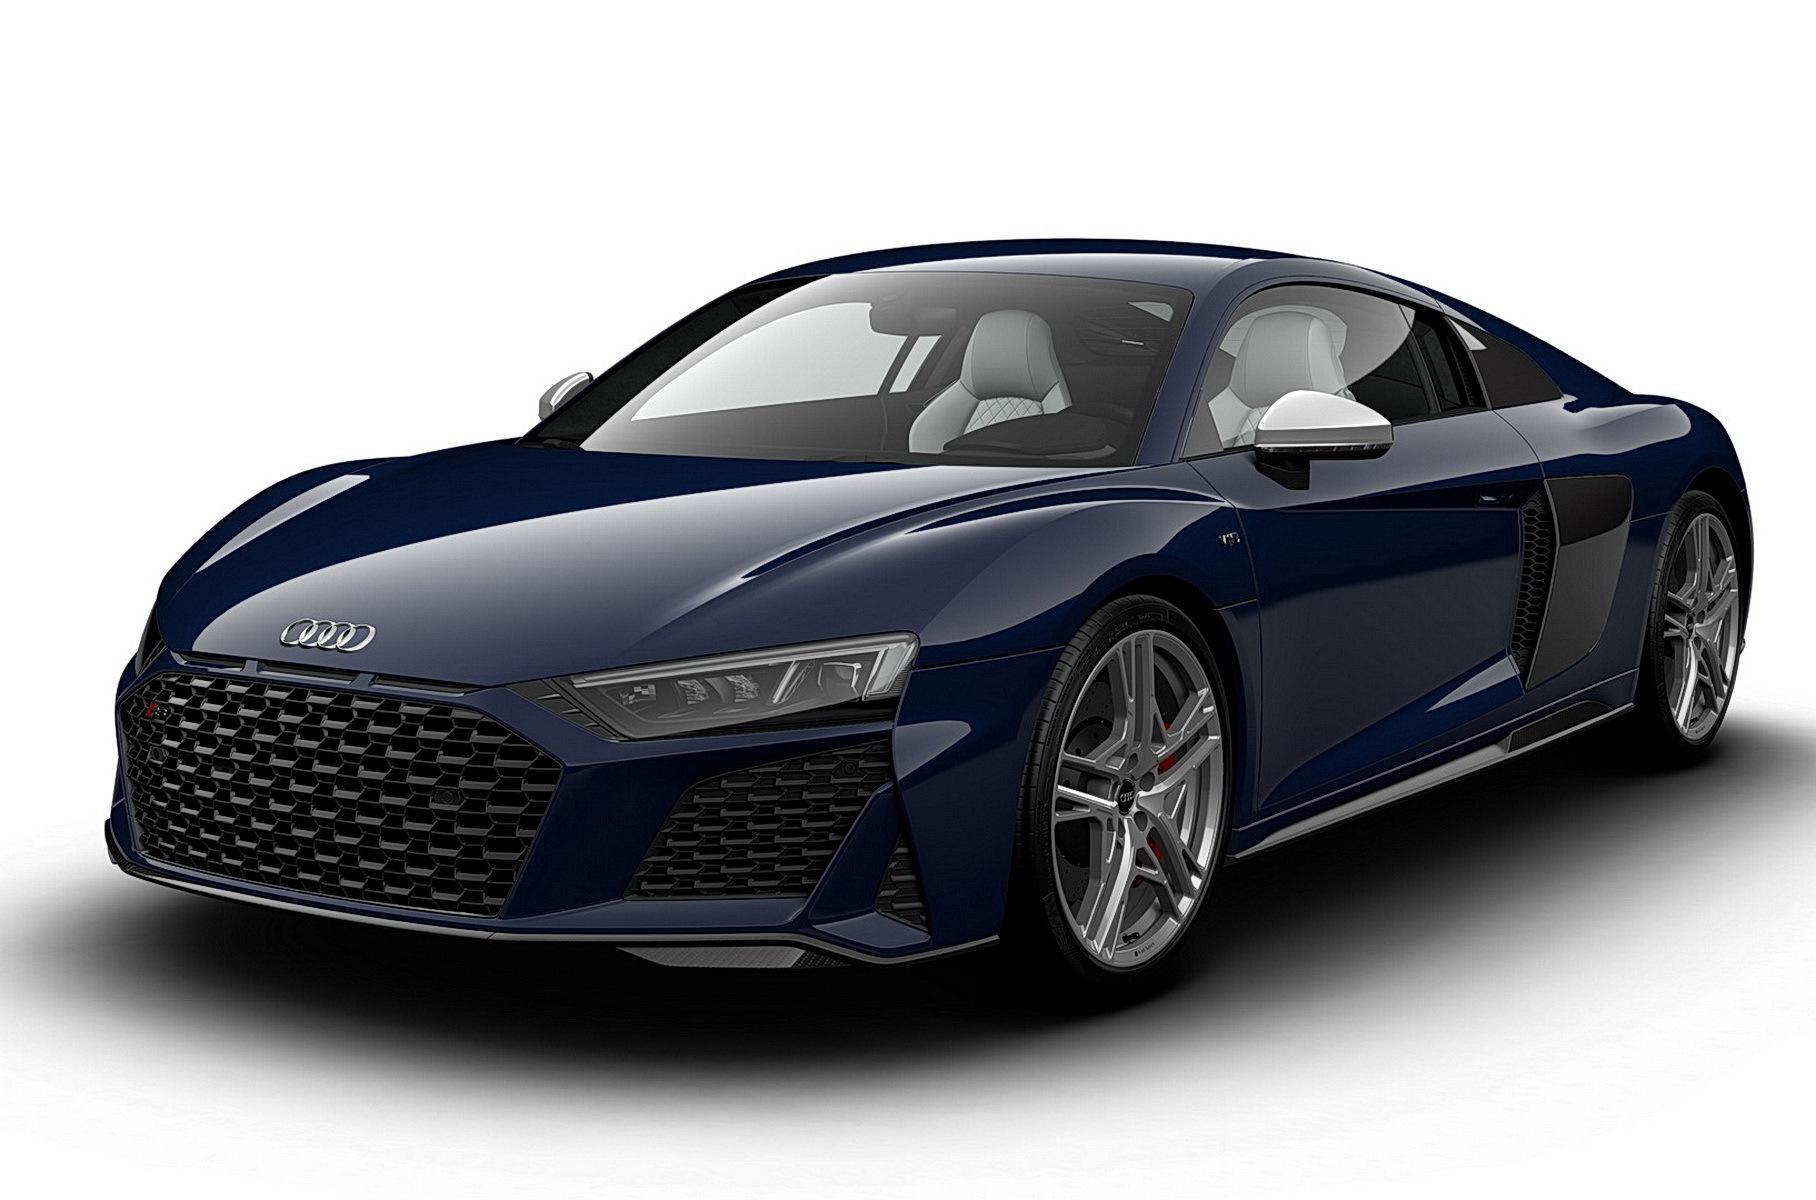 Юбилейная версия Audi R8 дебютировала в США